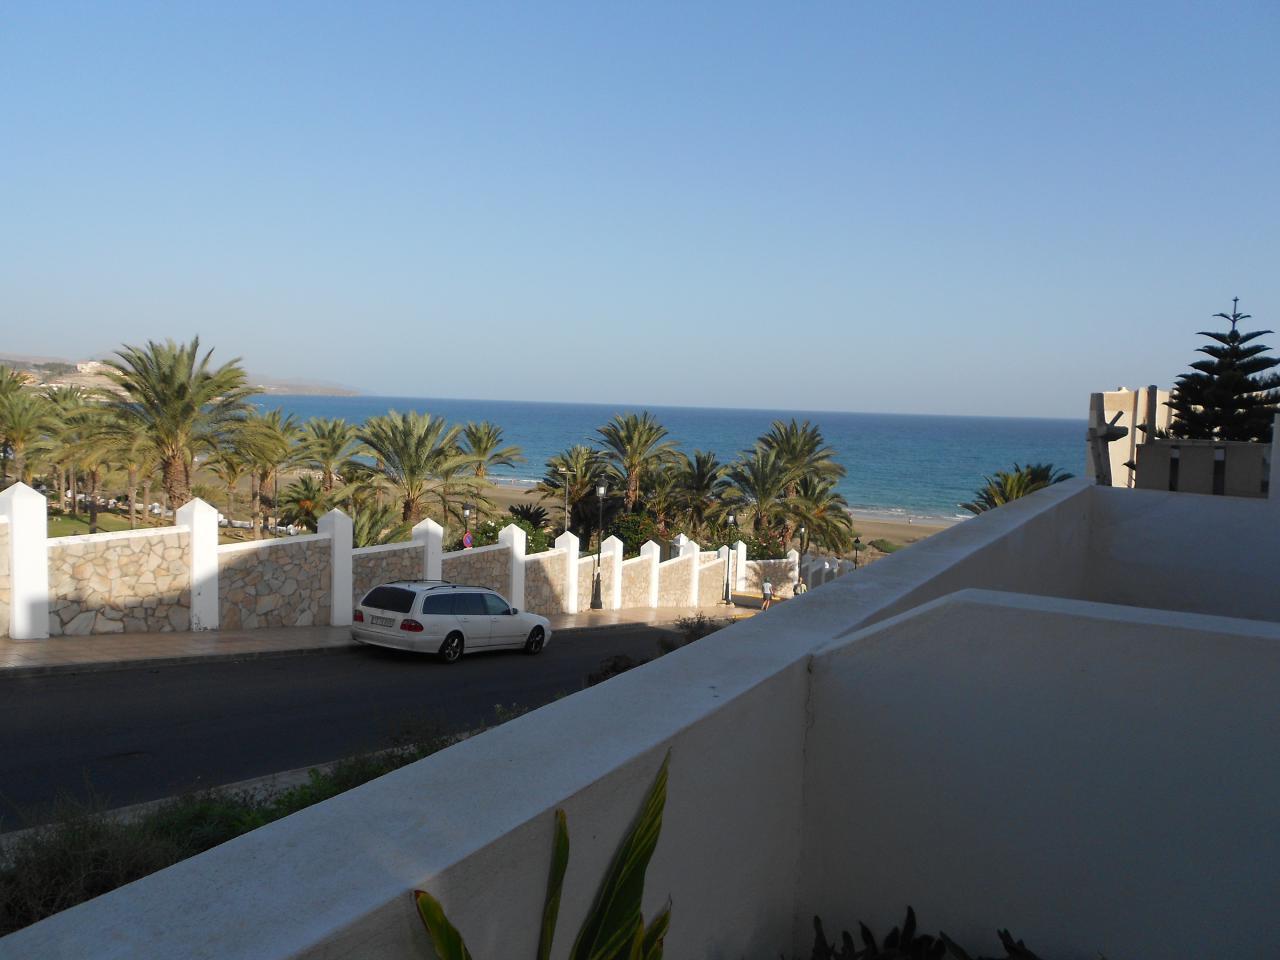 Ferienwohnung Costa Calma mit privatem Garten direkt am Strand (1851118), Costa Calma, Fuerteventura, Kanarische Inseln, Spanien, Bild 10